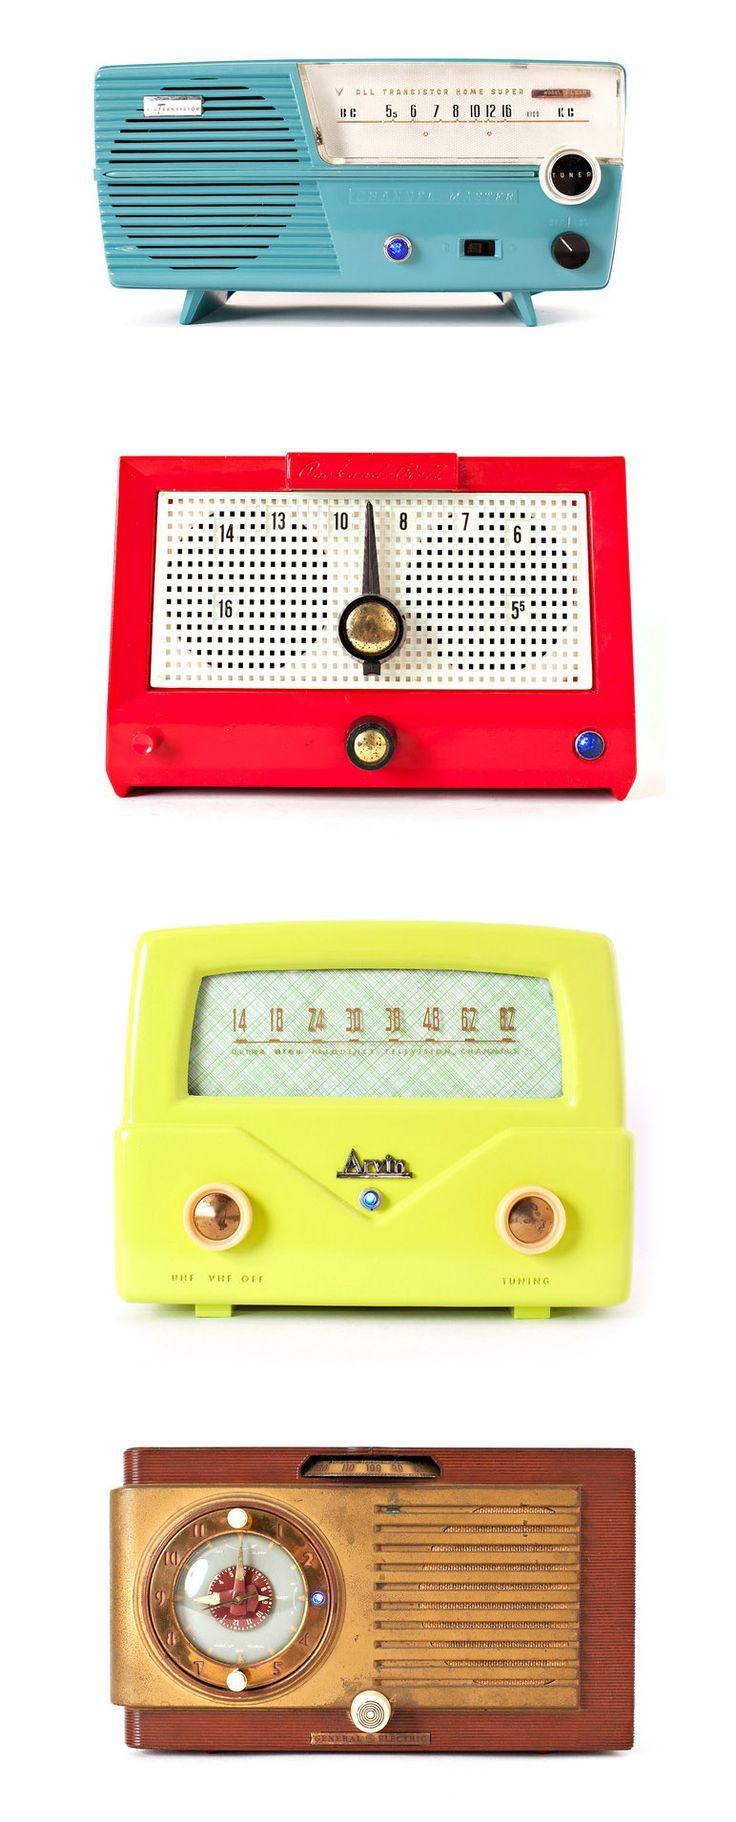 Vintage Radios Retro Radios Vintage Radio Retro Design